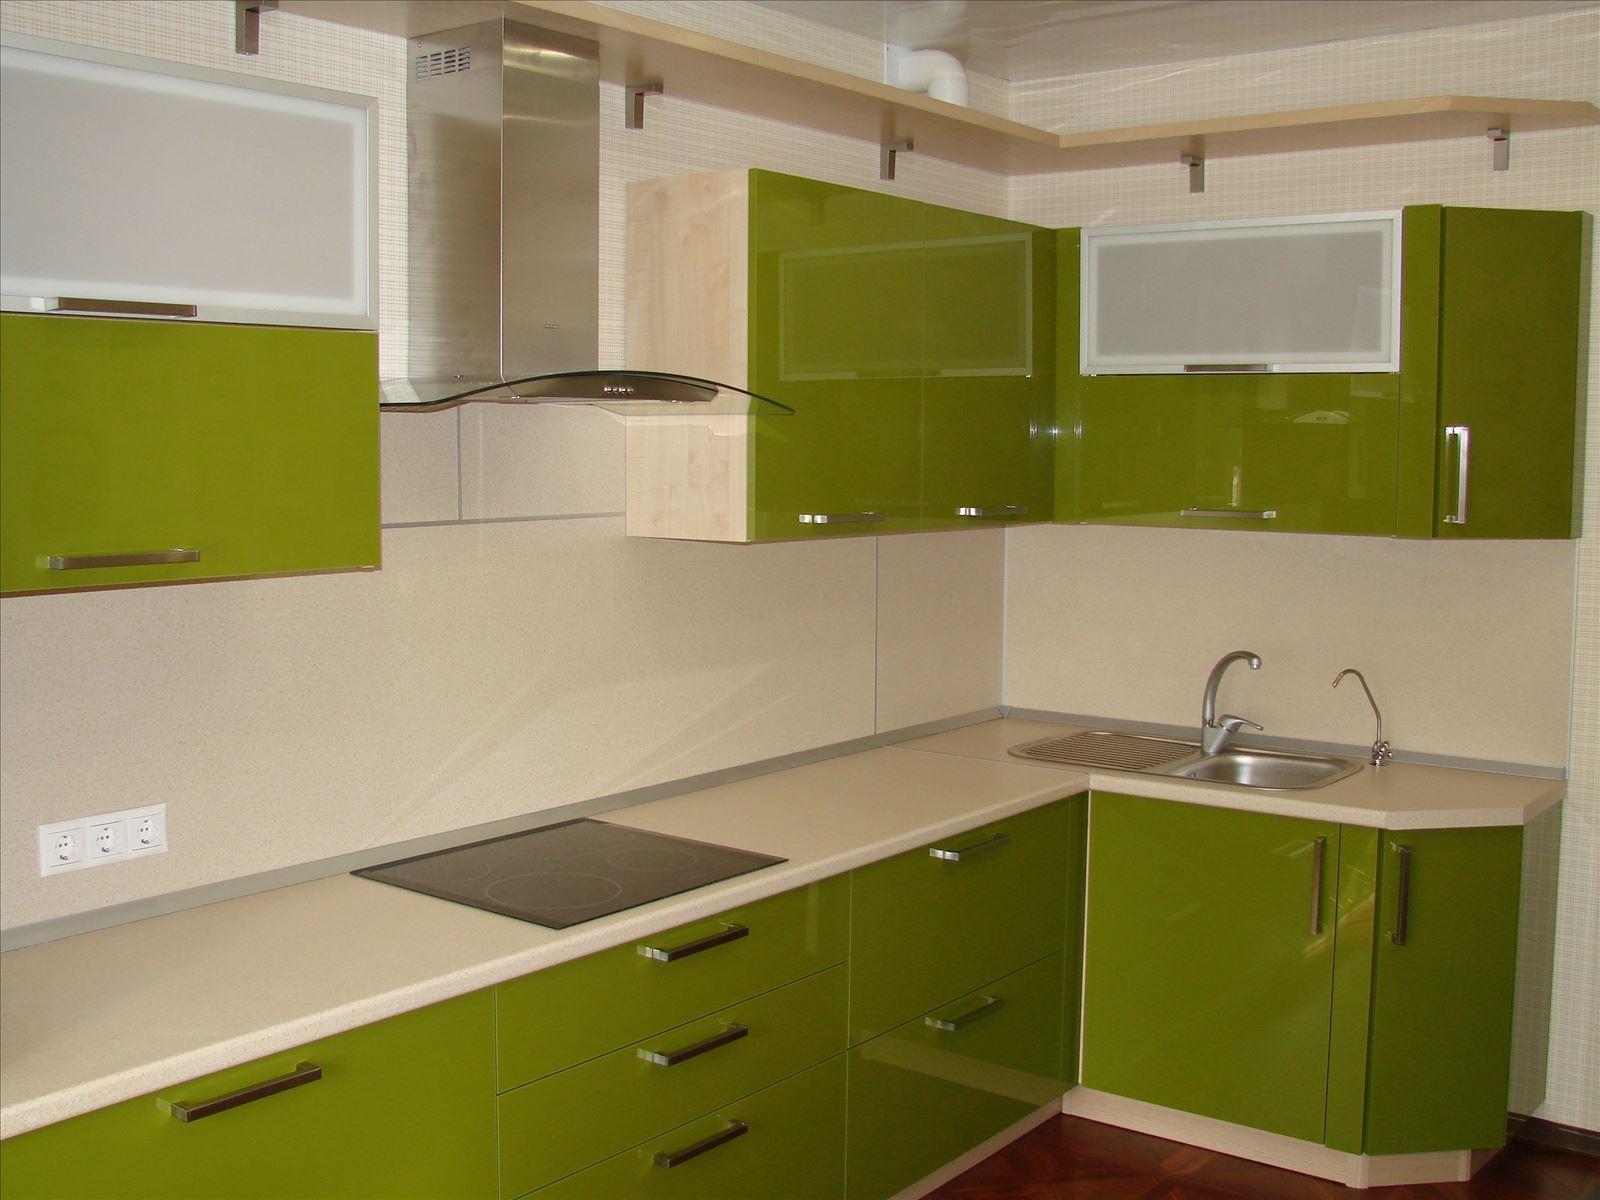 отопительные печи смотреть фото кухонь в цвете олива кремовый первоначально именовалось вологодским